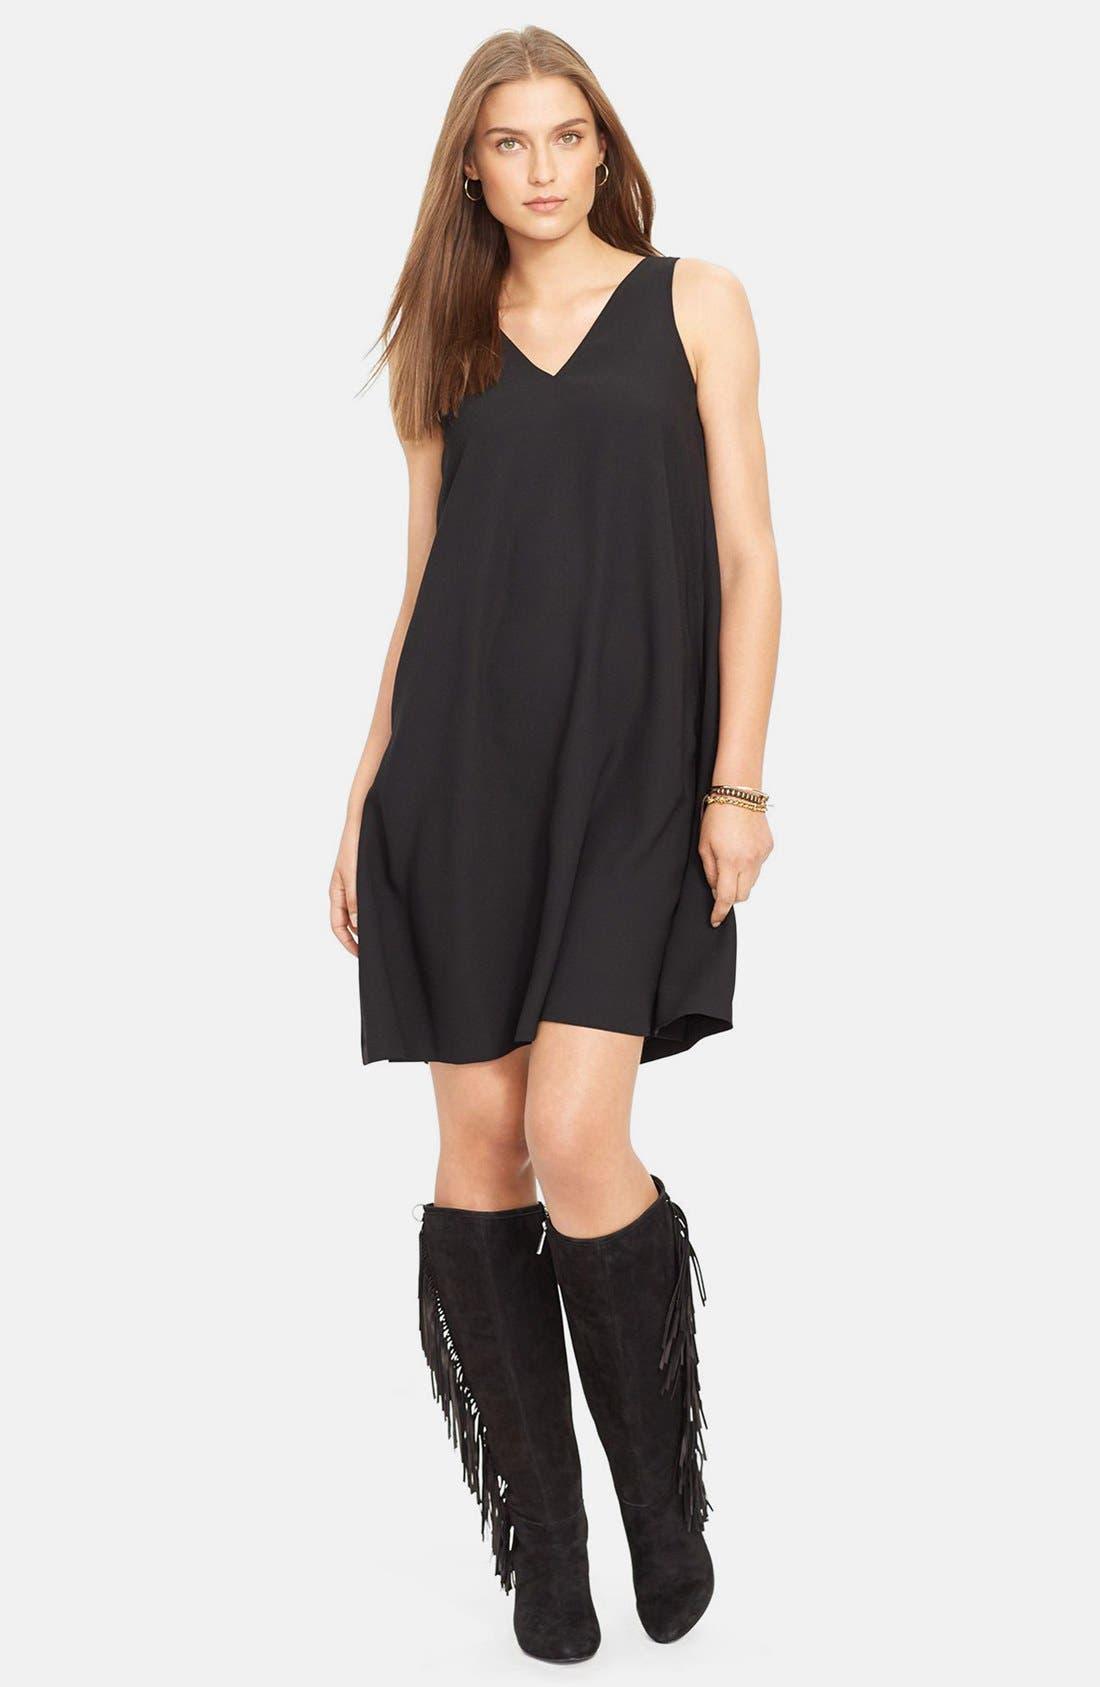 Alternate Image 1 Selected - Lauren Ralph Lauren Sleeveless V-Neck Shift Dress (Regular & Petite)